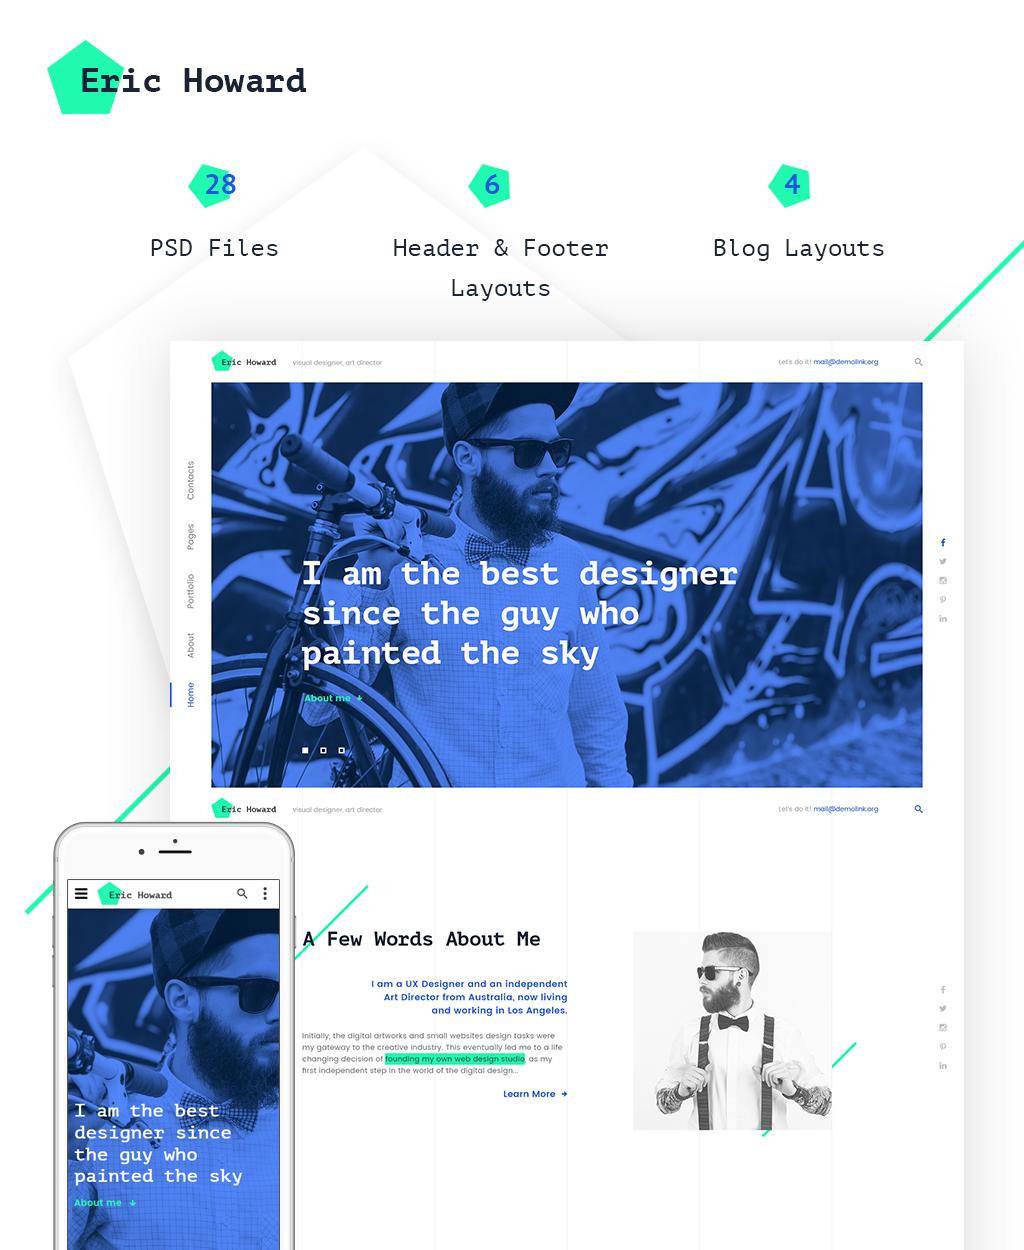 Responsywny szablon strony www Eric Howard - Web Designer Portfolio Multipage #62108 - zrzut ekranu